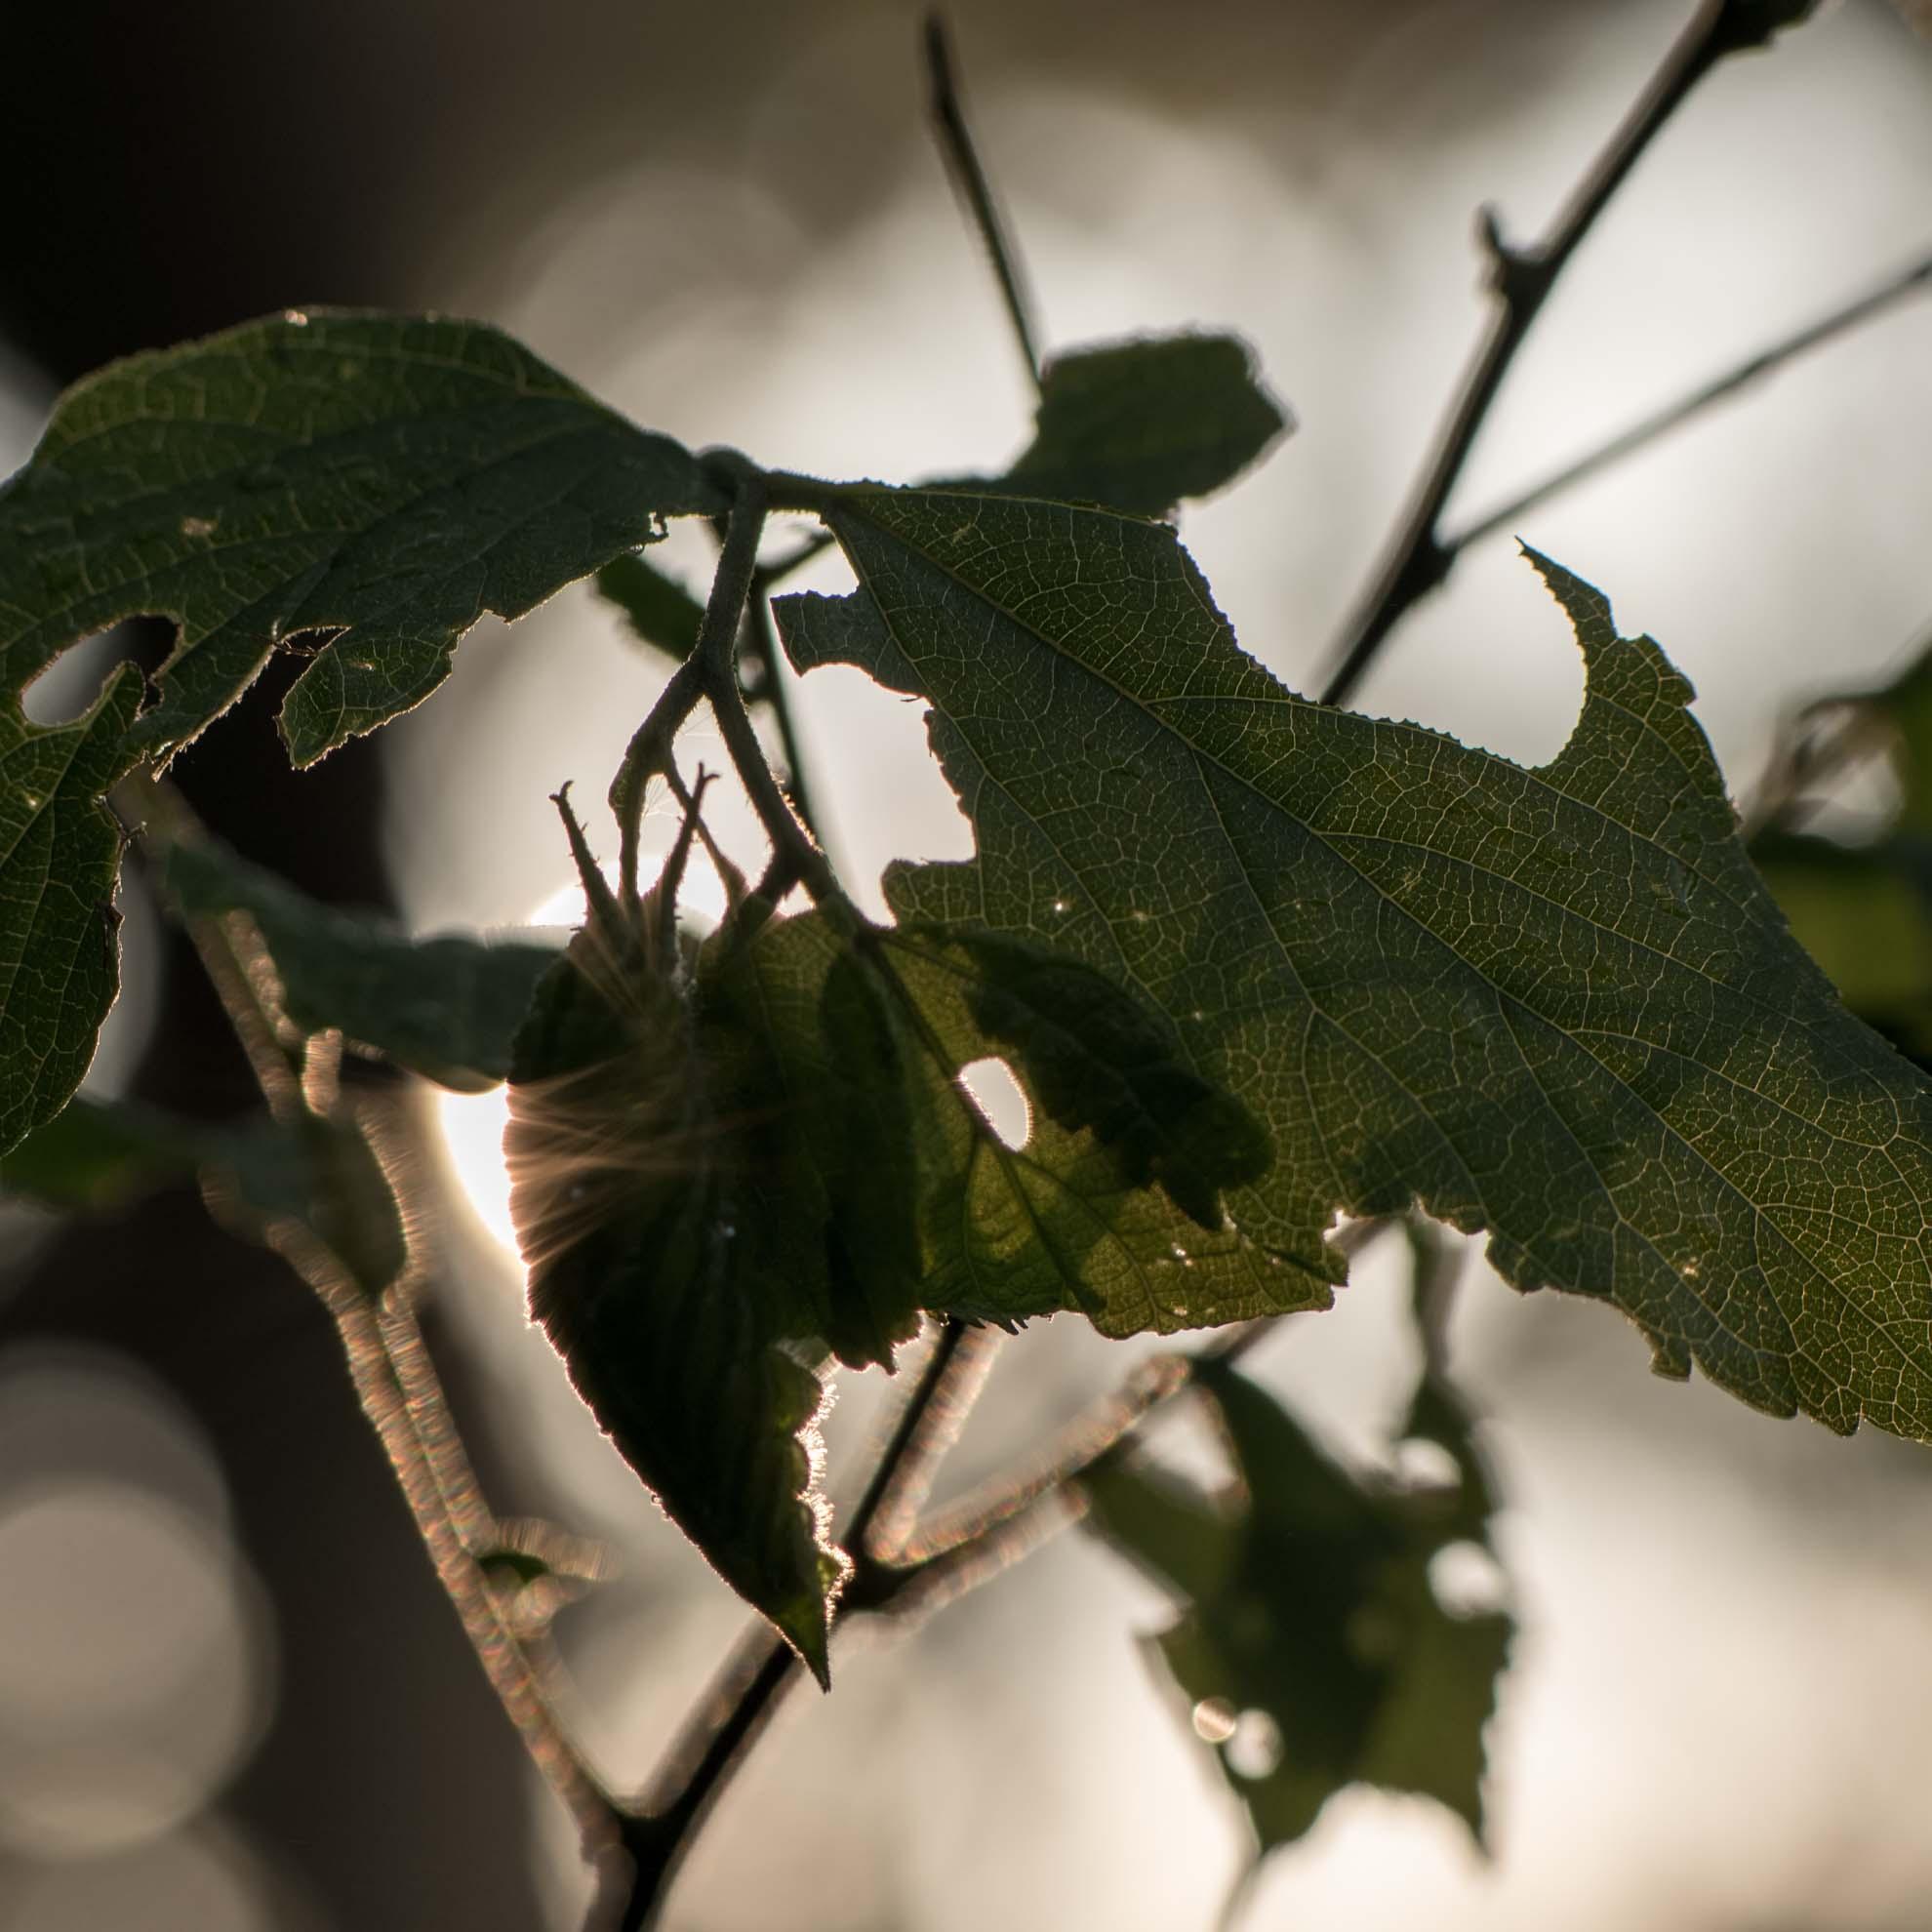 朝日を浴びるアカボシゴマダラの幼虫